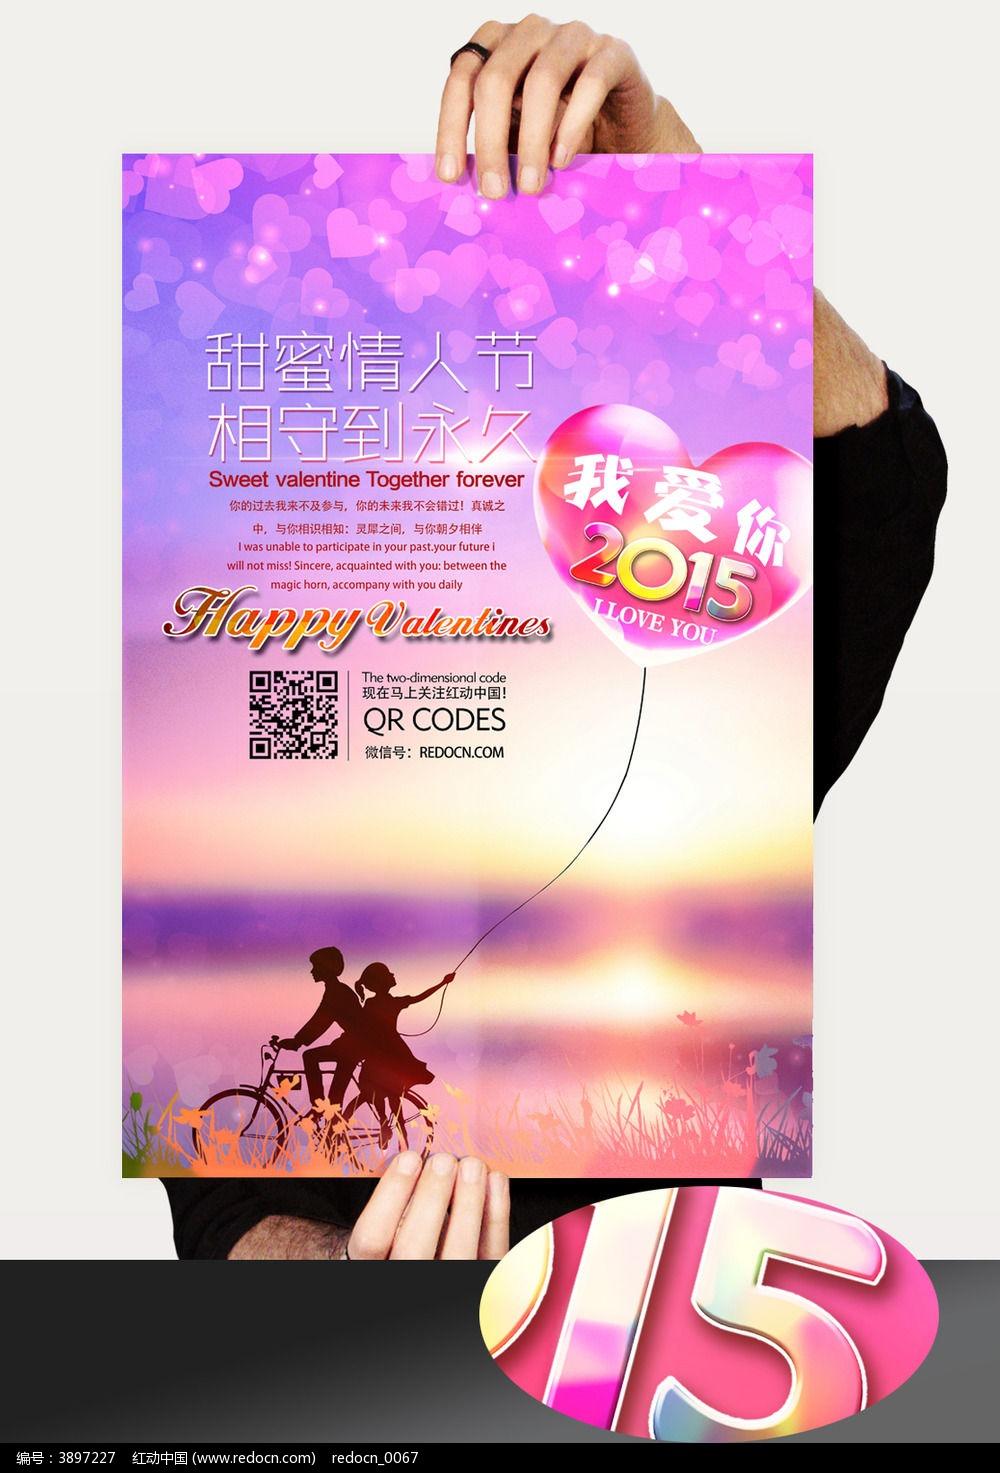 紫色2015情人节促销活动海报素材图片